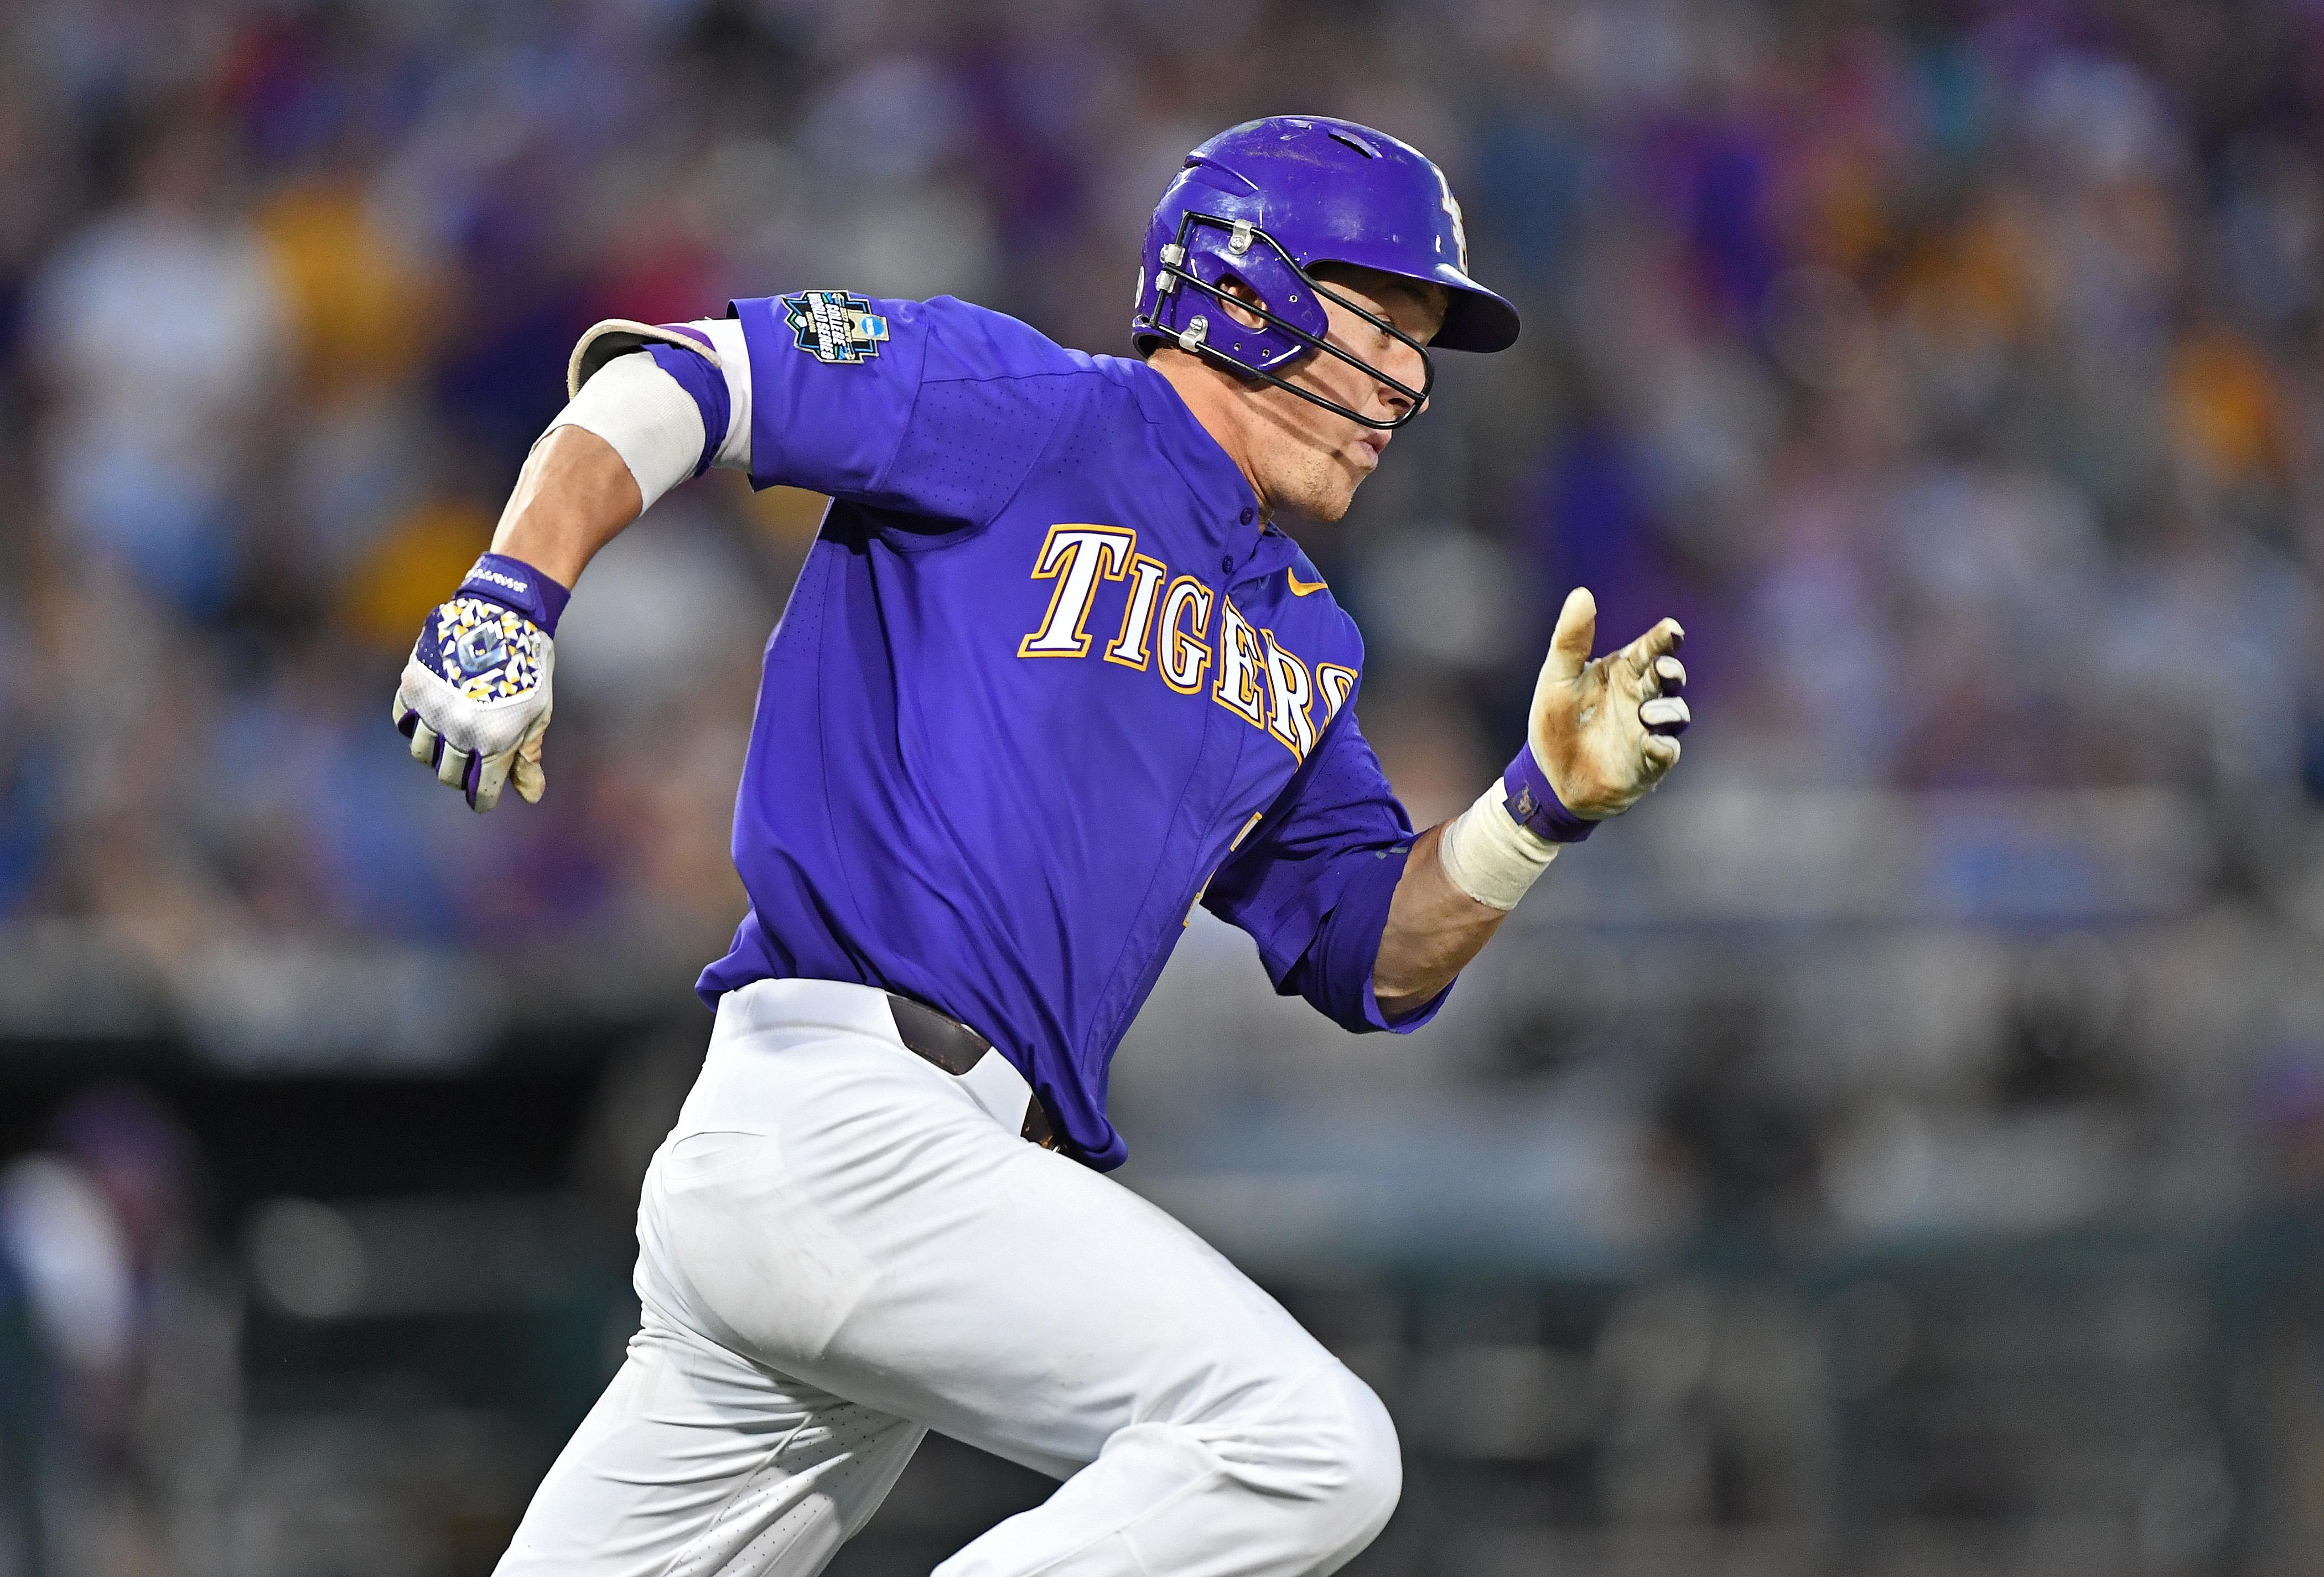 2017 Division I Men's College World Series - LSU v Florida - Game 1